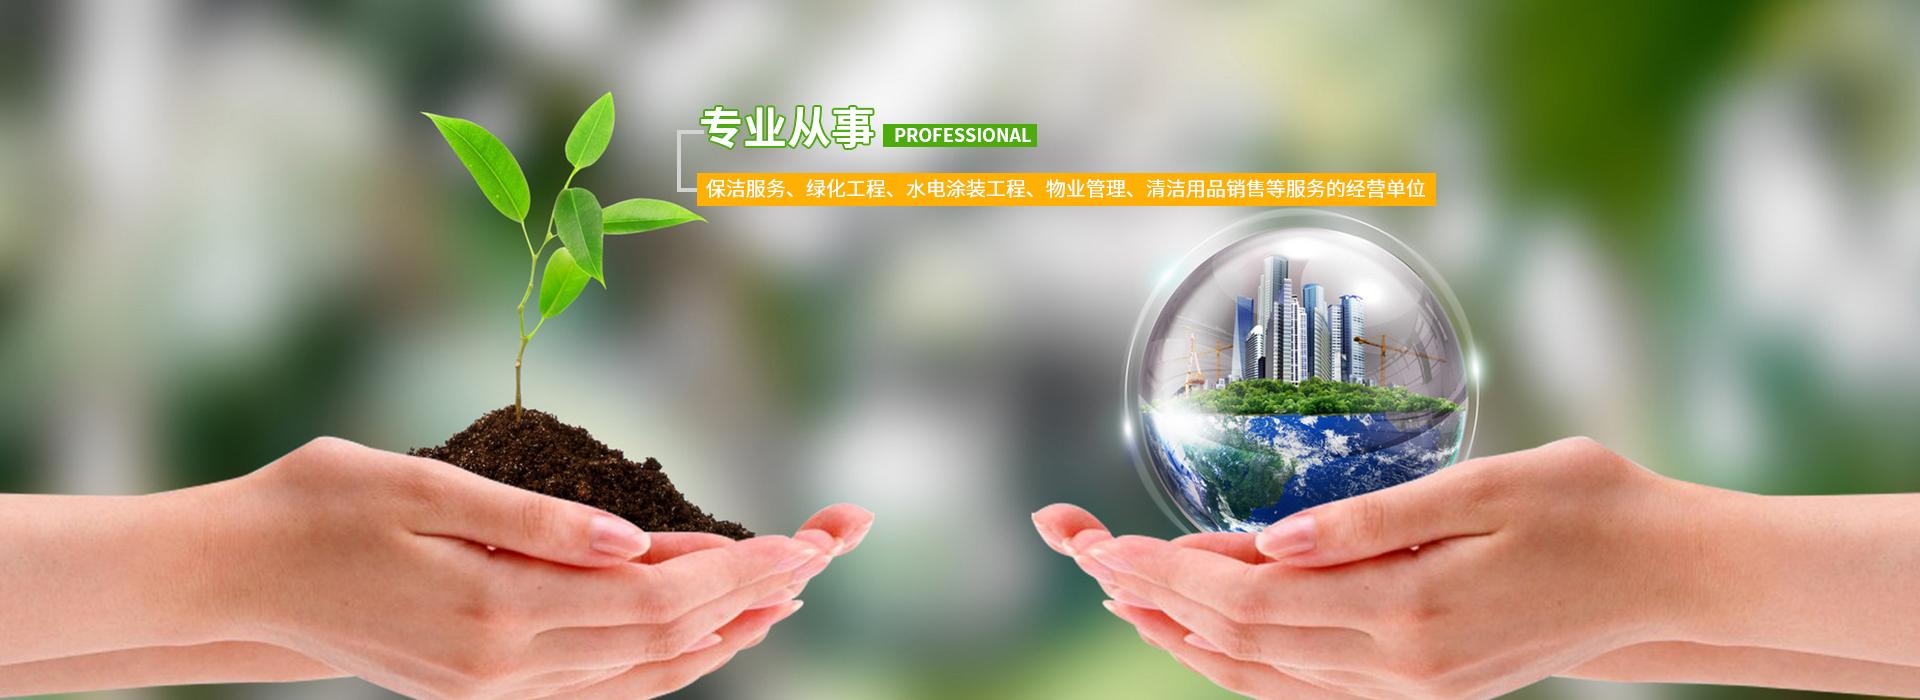 昆山永洁环保绿化工程有限公司